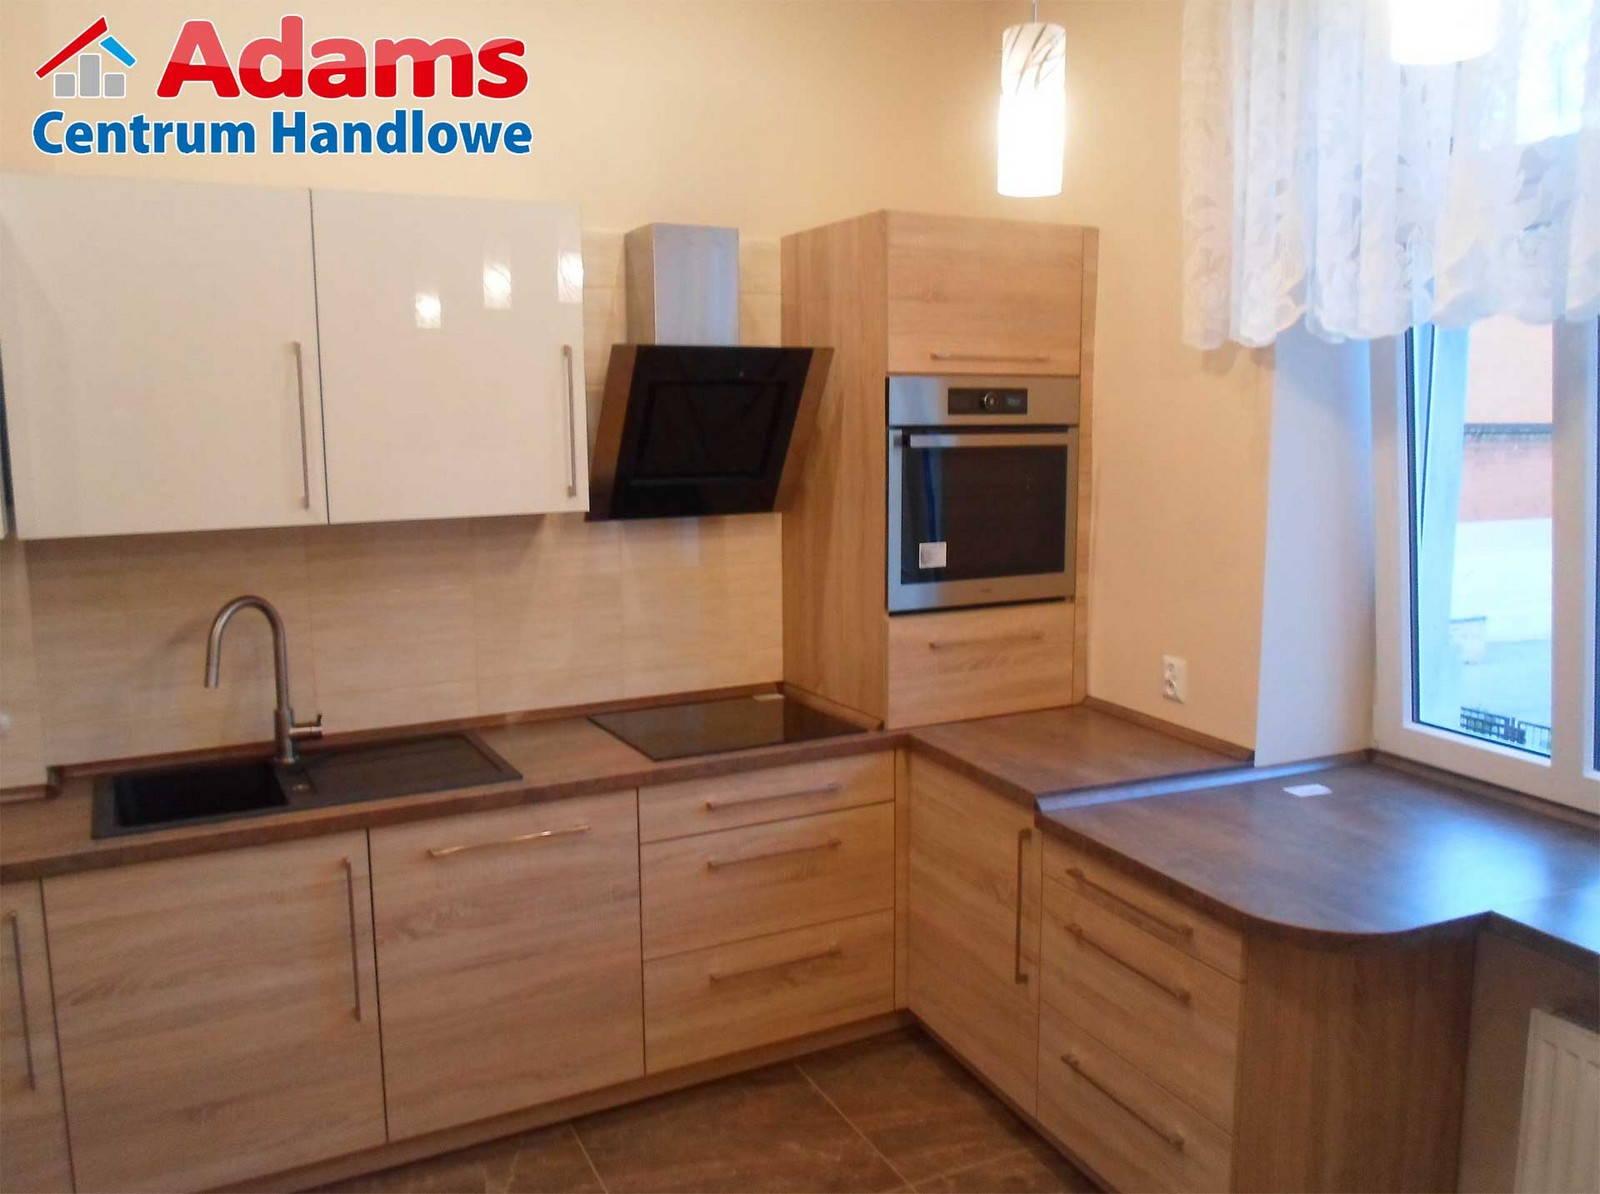 Kuchnie Adams 026a Adams Centrum Handlowe